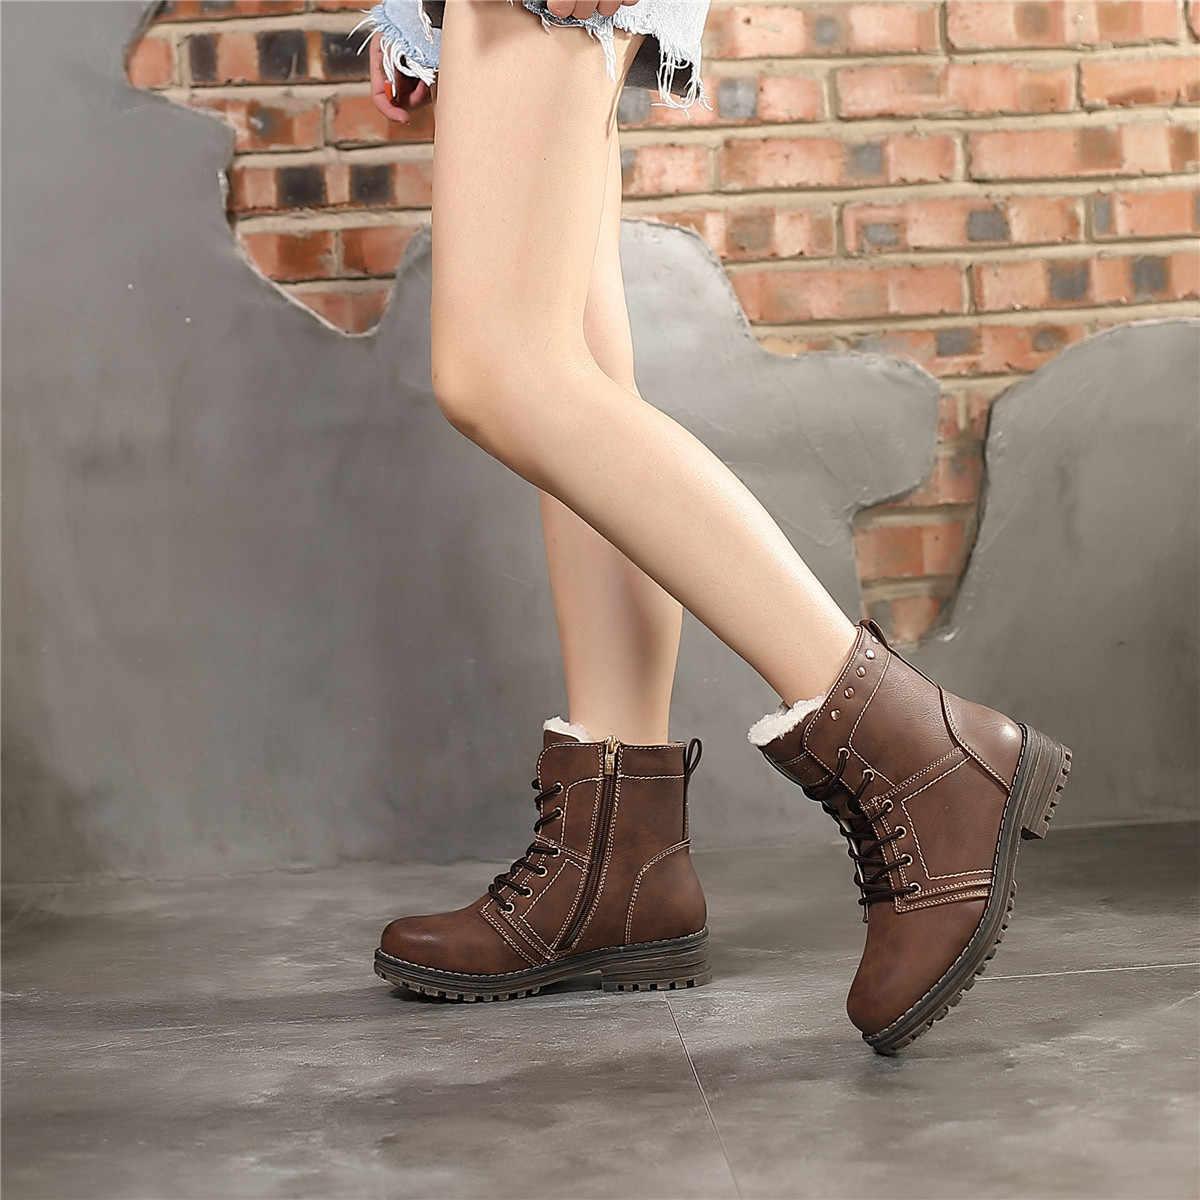 CAILASTE Klasik kadın kış ayakkabı Kahverengi Perçin dekorasyon Dantel up ZIP Sıcak kürk peluş astarı Ayak Bileği yürüyüş martin çizmeler bayanlar